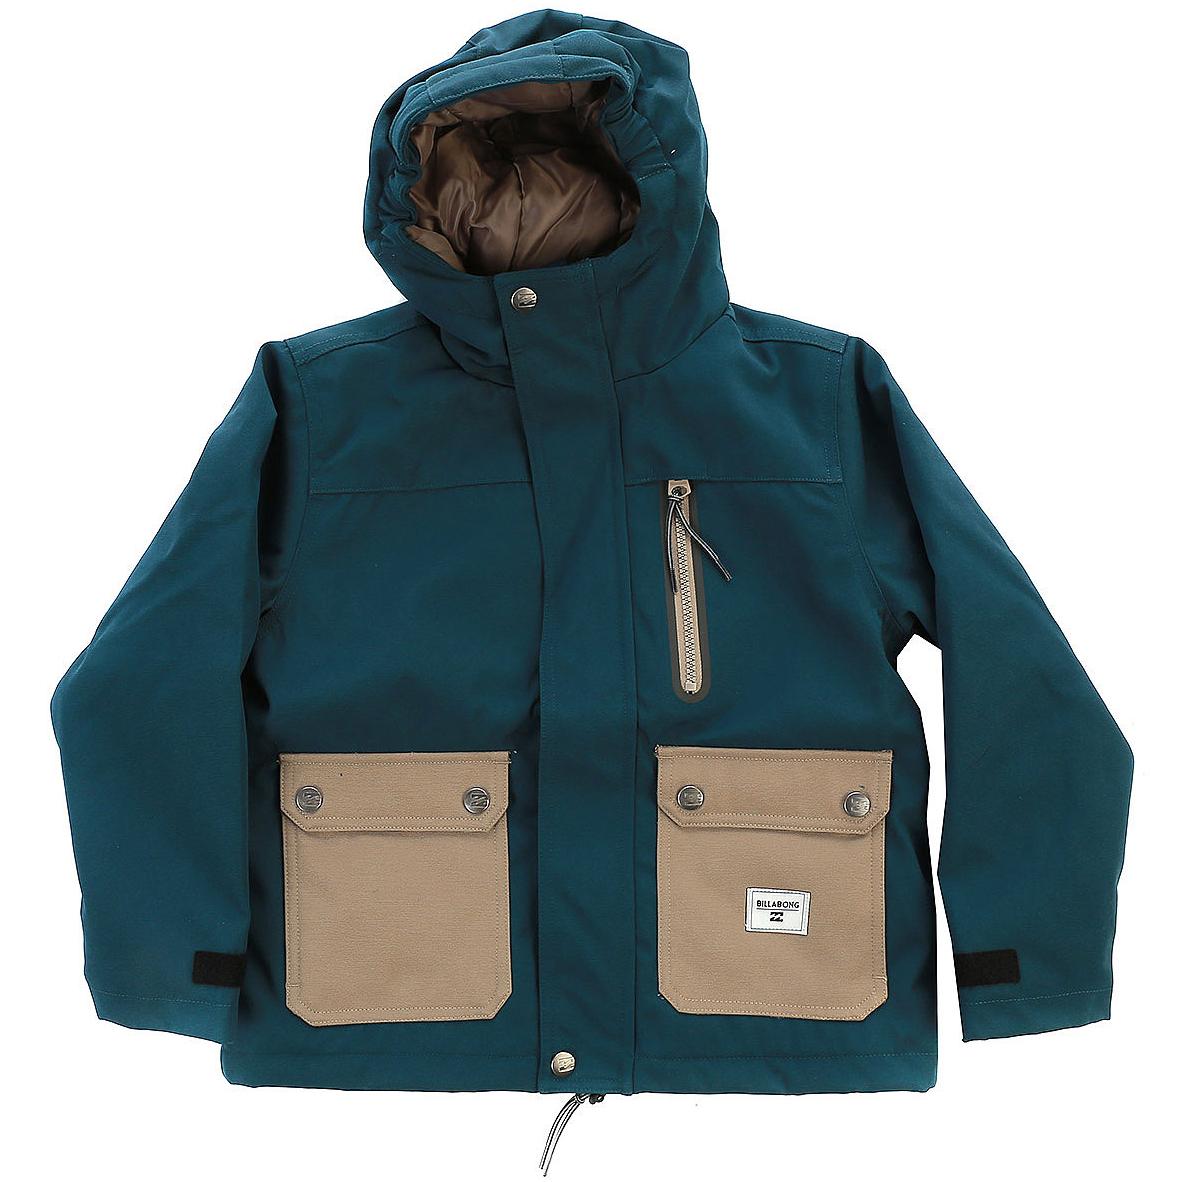 Sale ALVES BOYКуртки городские<br>Сосредоточившись на самом главном, бренд Billabong создал эту куртку со стильным дизайном и набором продуманных функций. Осенняя куртка с капюшоном и стеганной подкладкой дополнительно оснащена карманом с водонепроницаемой молнией, чтобы Вы не переживали за сохранность их содержимого. Ваш ребенок будет в восторге, впрочем, как и Вы.<br> <br> <br> Особенности:<br><br>Детская городская куртка<br>Размерная сетка от 8 до 16 лет<br>Классическая посадка<br>Утеплитель: 120 г тело, 100 г рукава<br>Подкладка из тафты<br>Карман на груди с водонепроницаемой молнией<br>Два кармана с клапанами спереди<br>Регулируемые манжеты на рукавах<br>Состав: 100% полиэстер.<br><br>Сезон: FW17<br>Артикул: 51201<br>Цвет: DEEP SEA<br>Пол: МАЛ<br>Пол: Мальчикам, Детское<br>Размер: 14<br>Тип вещи: КУРТКА ГОРОДСКАЯ